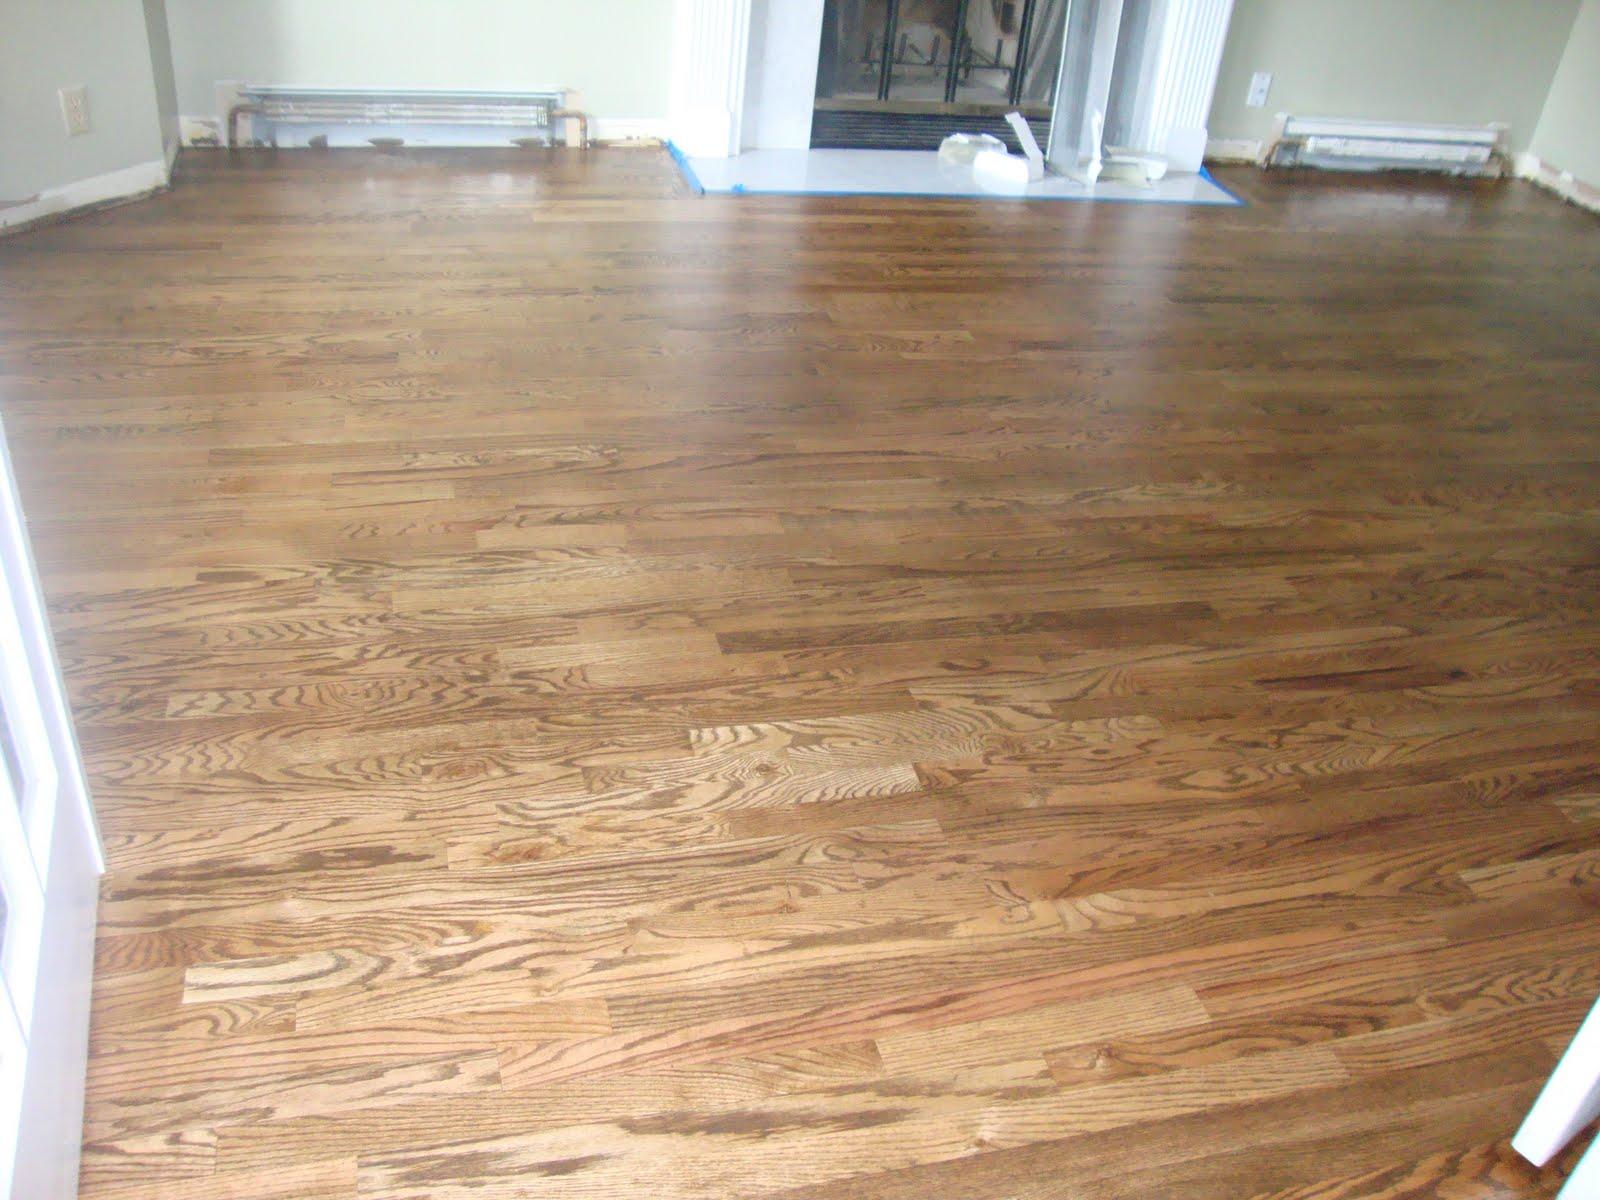 Refinish Hardwood Floors Refinish Hardwood Floors Utah